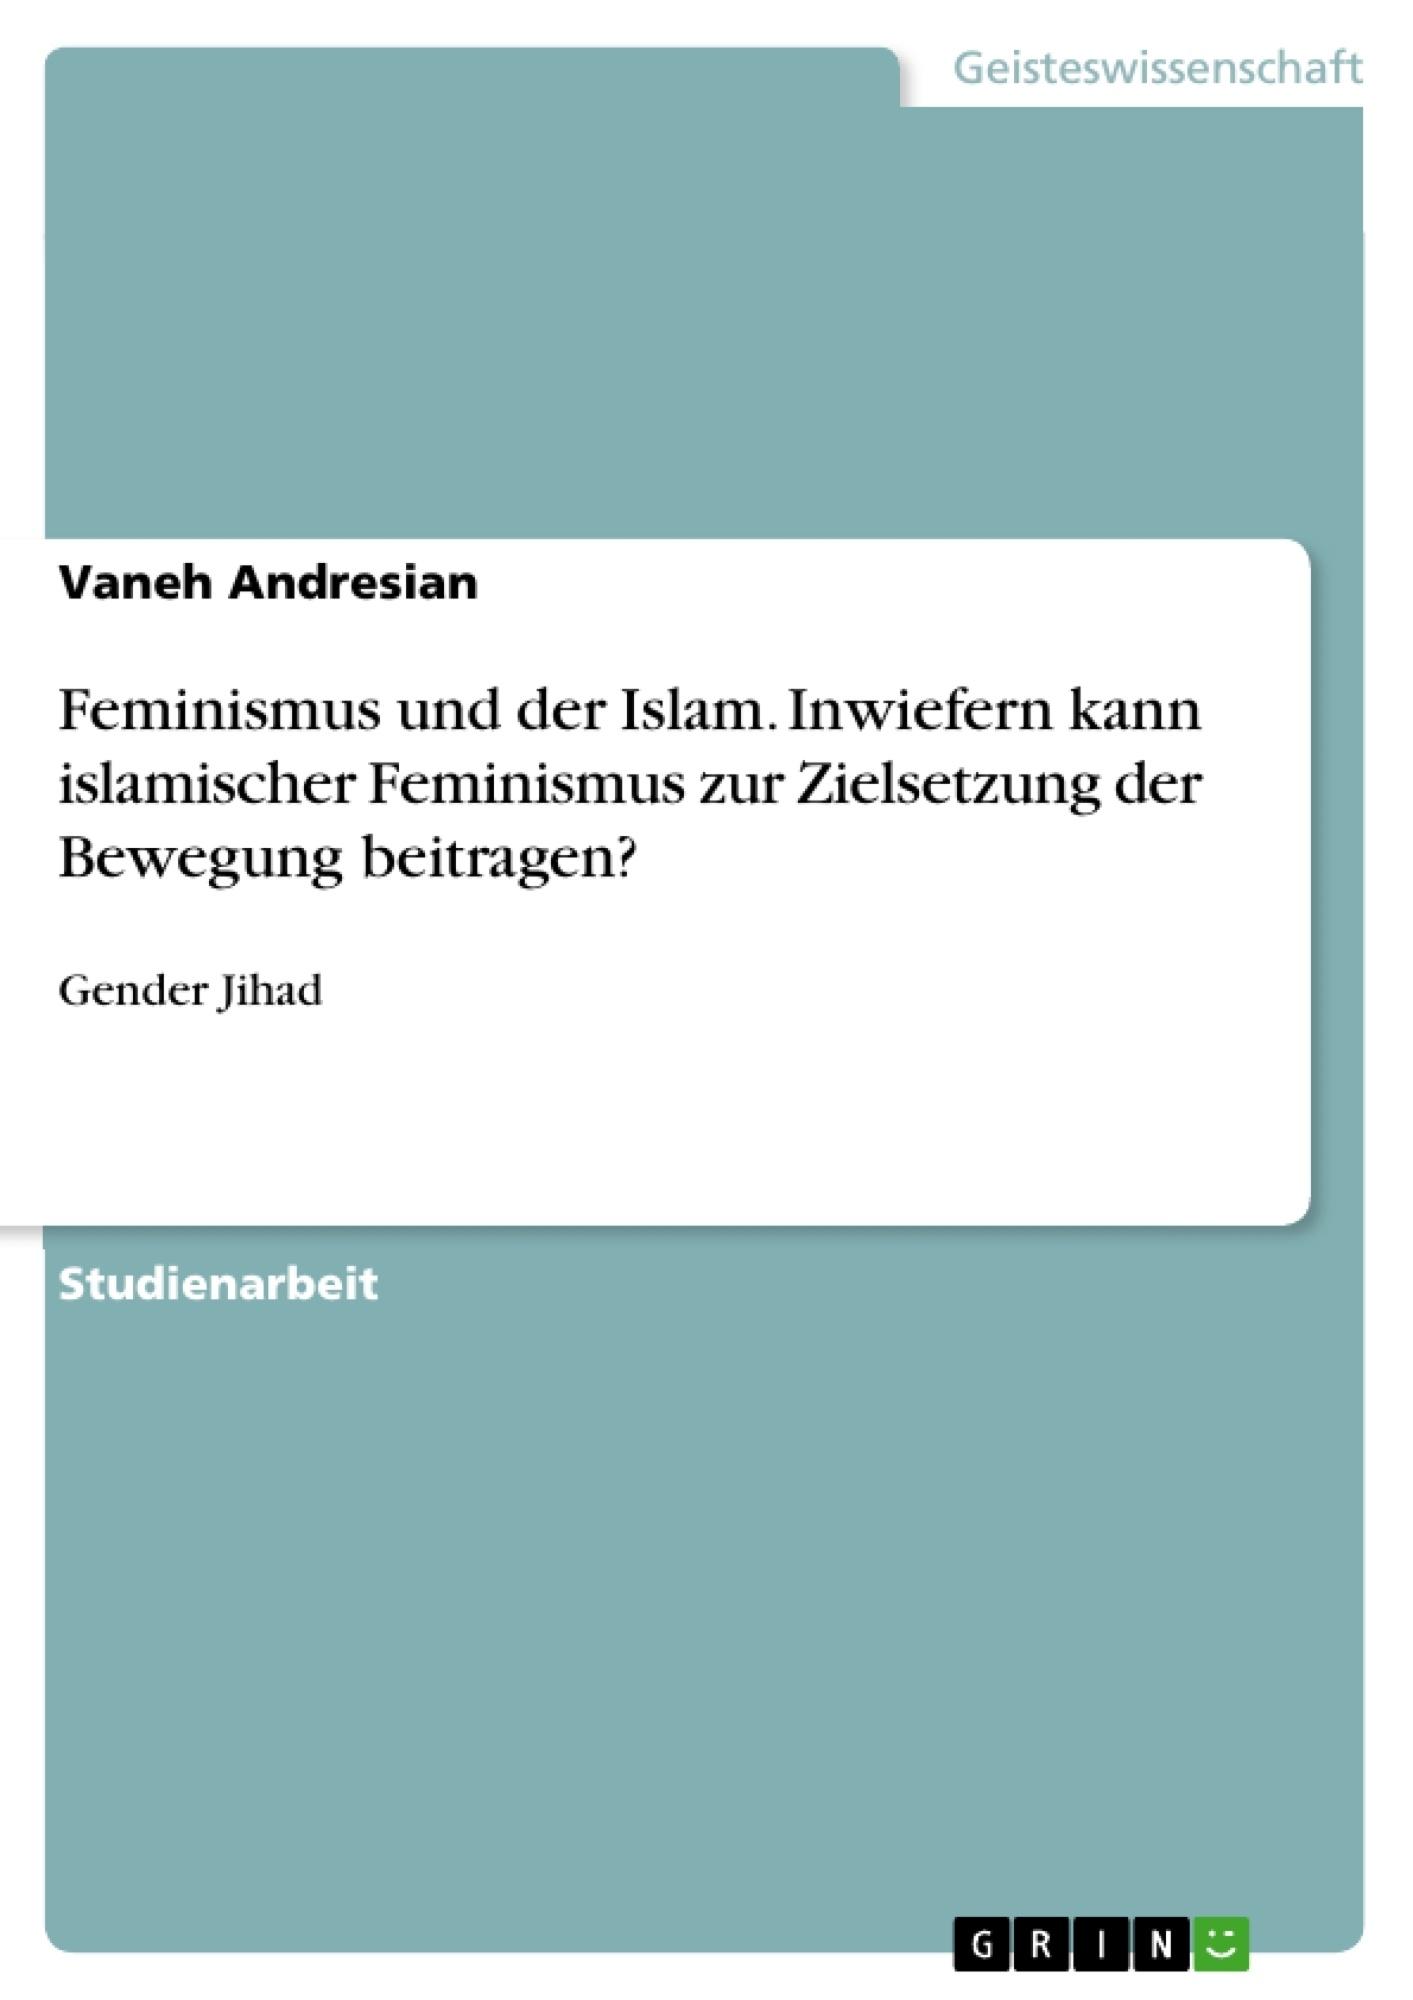 Titel: Feminismus und der Islam. Inwiefern kann islamischer Feminismus zur Zielsetzung der Bewegung beitragen?